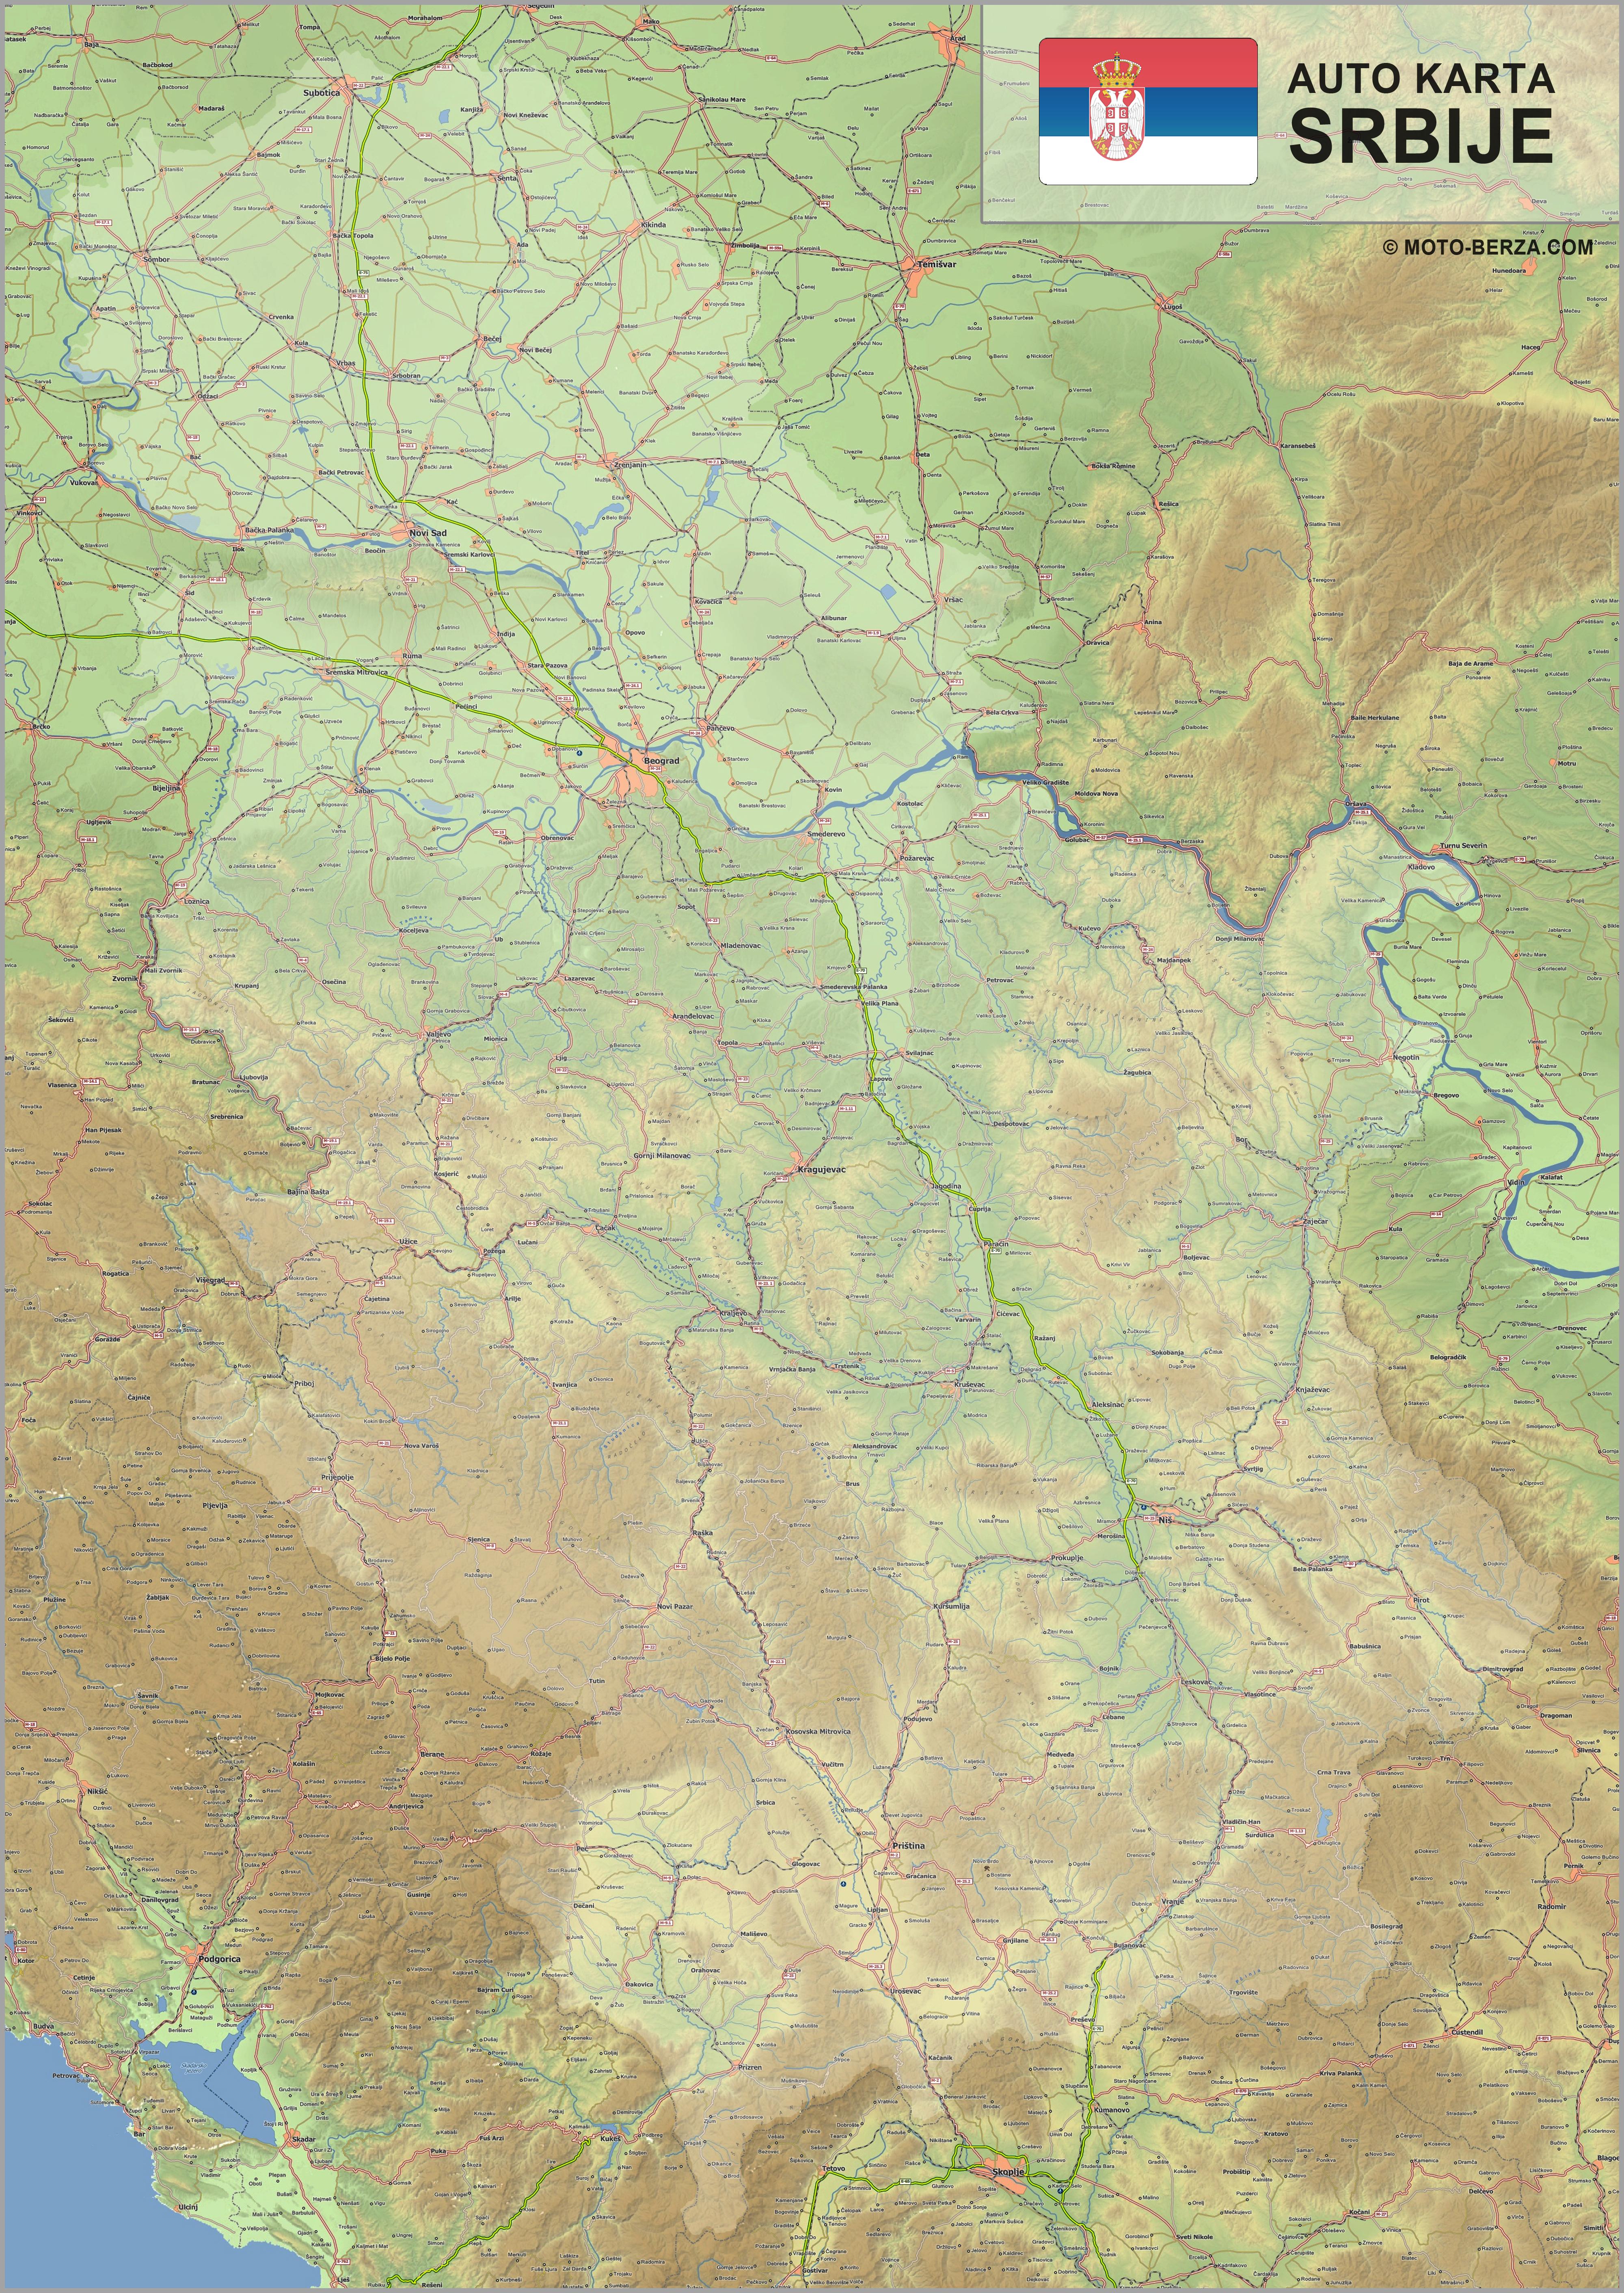 karta jugoistocne srbije Mapa srbije   Auto karta Srbije   Geografska karta sa putevima karta jugoistocne srbije